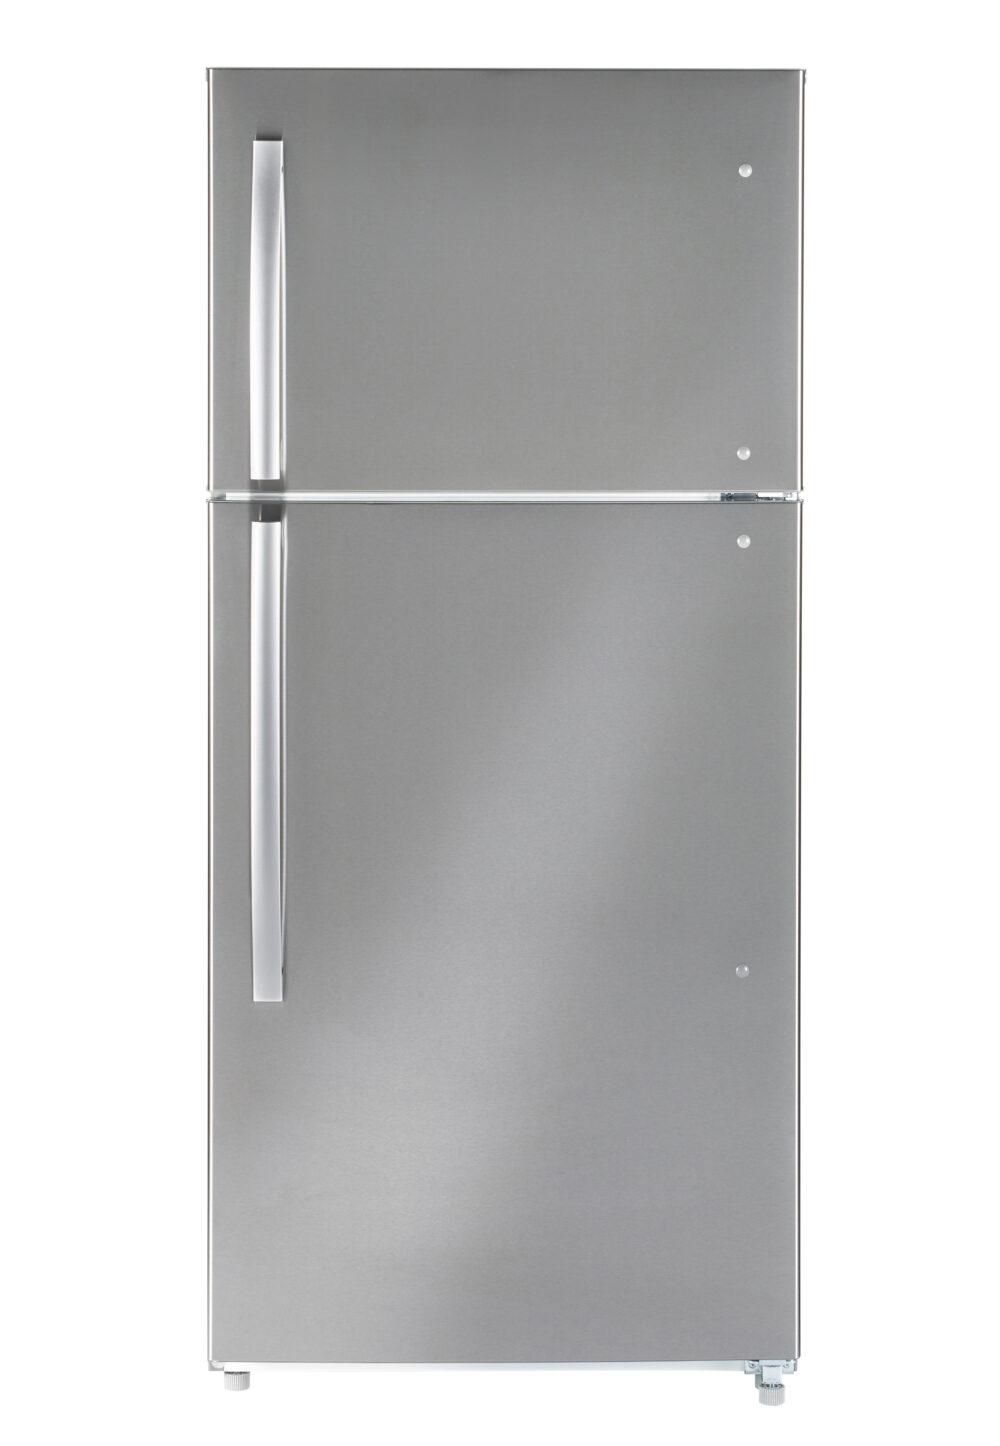 21396 - fridge - MTE18GSKSS